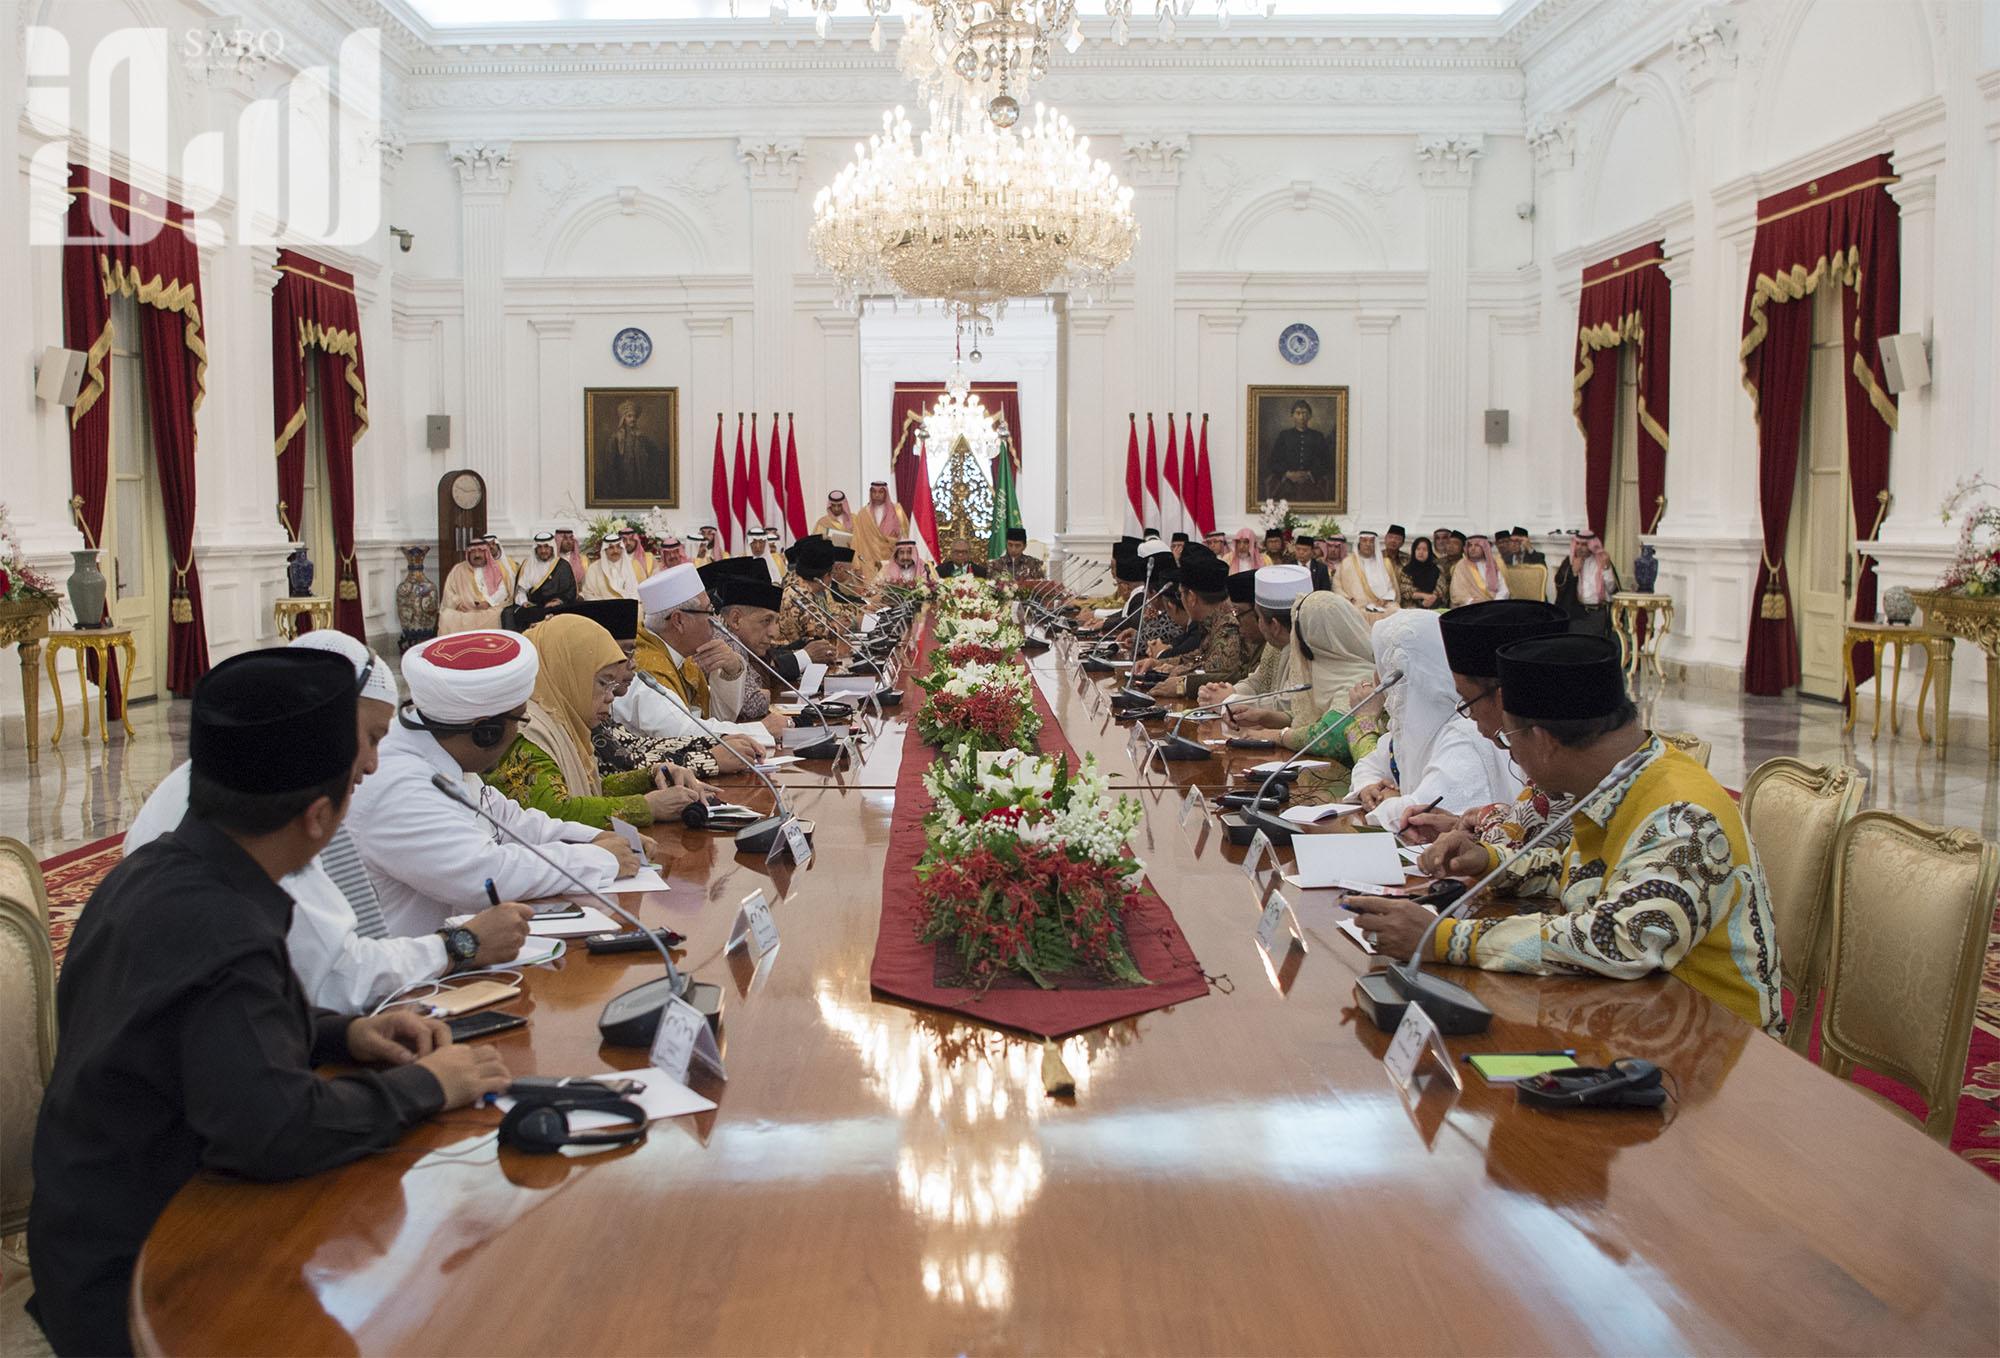 المغرب يوقع  في جاكرتا على ثلاث اتفاقيات لتعزيز التعاون مع إندونيسيا